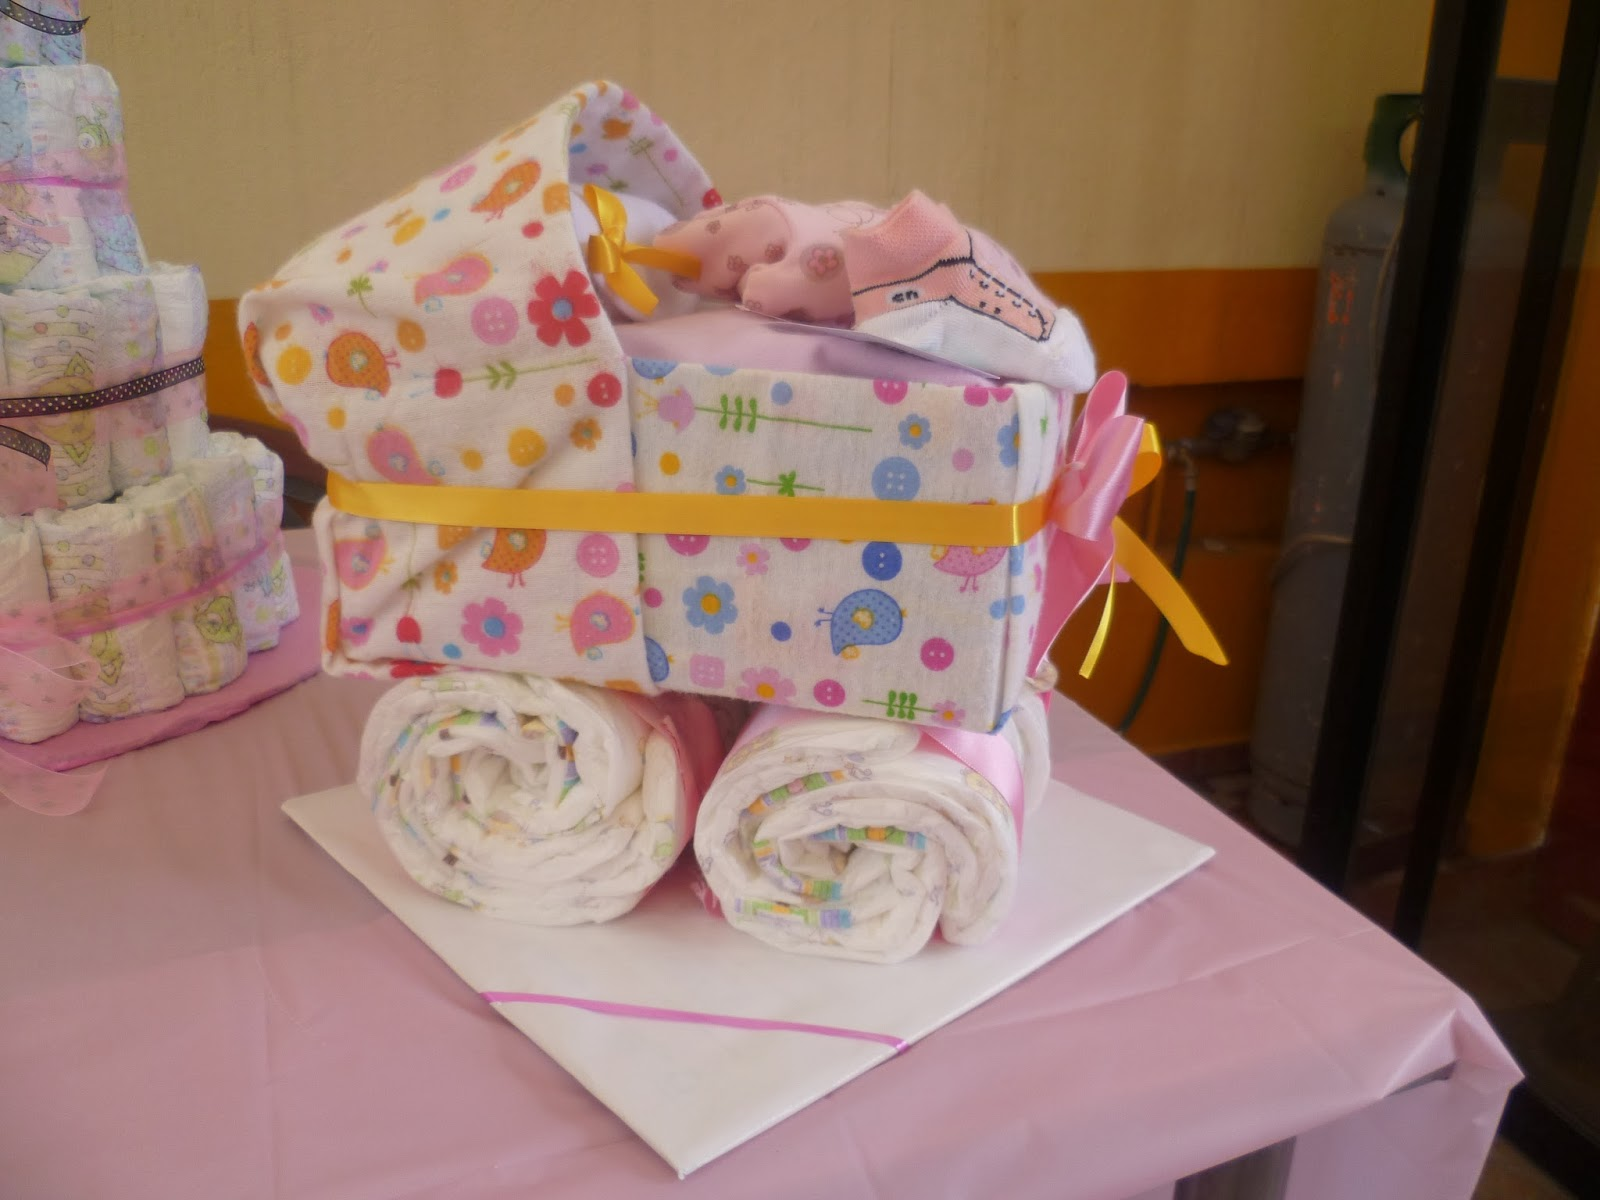 El jard n de mam pulpo cobija de bebe adornada - Envoltorios originales para regalos ...